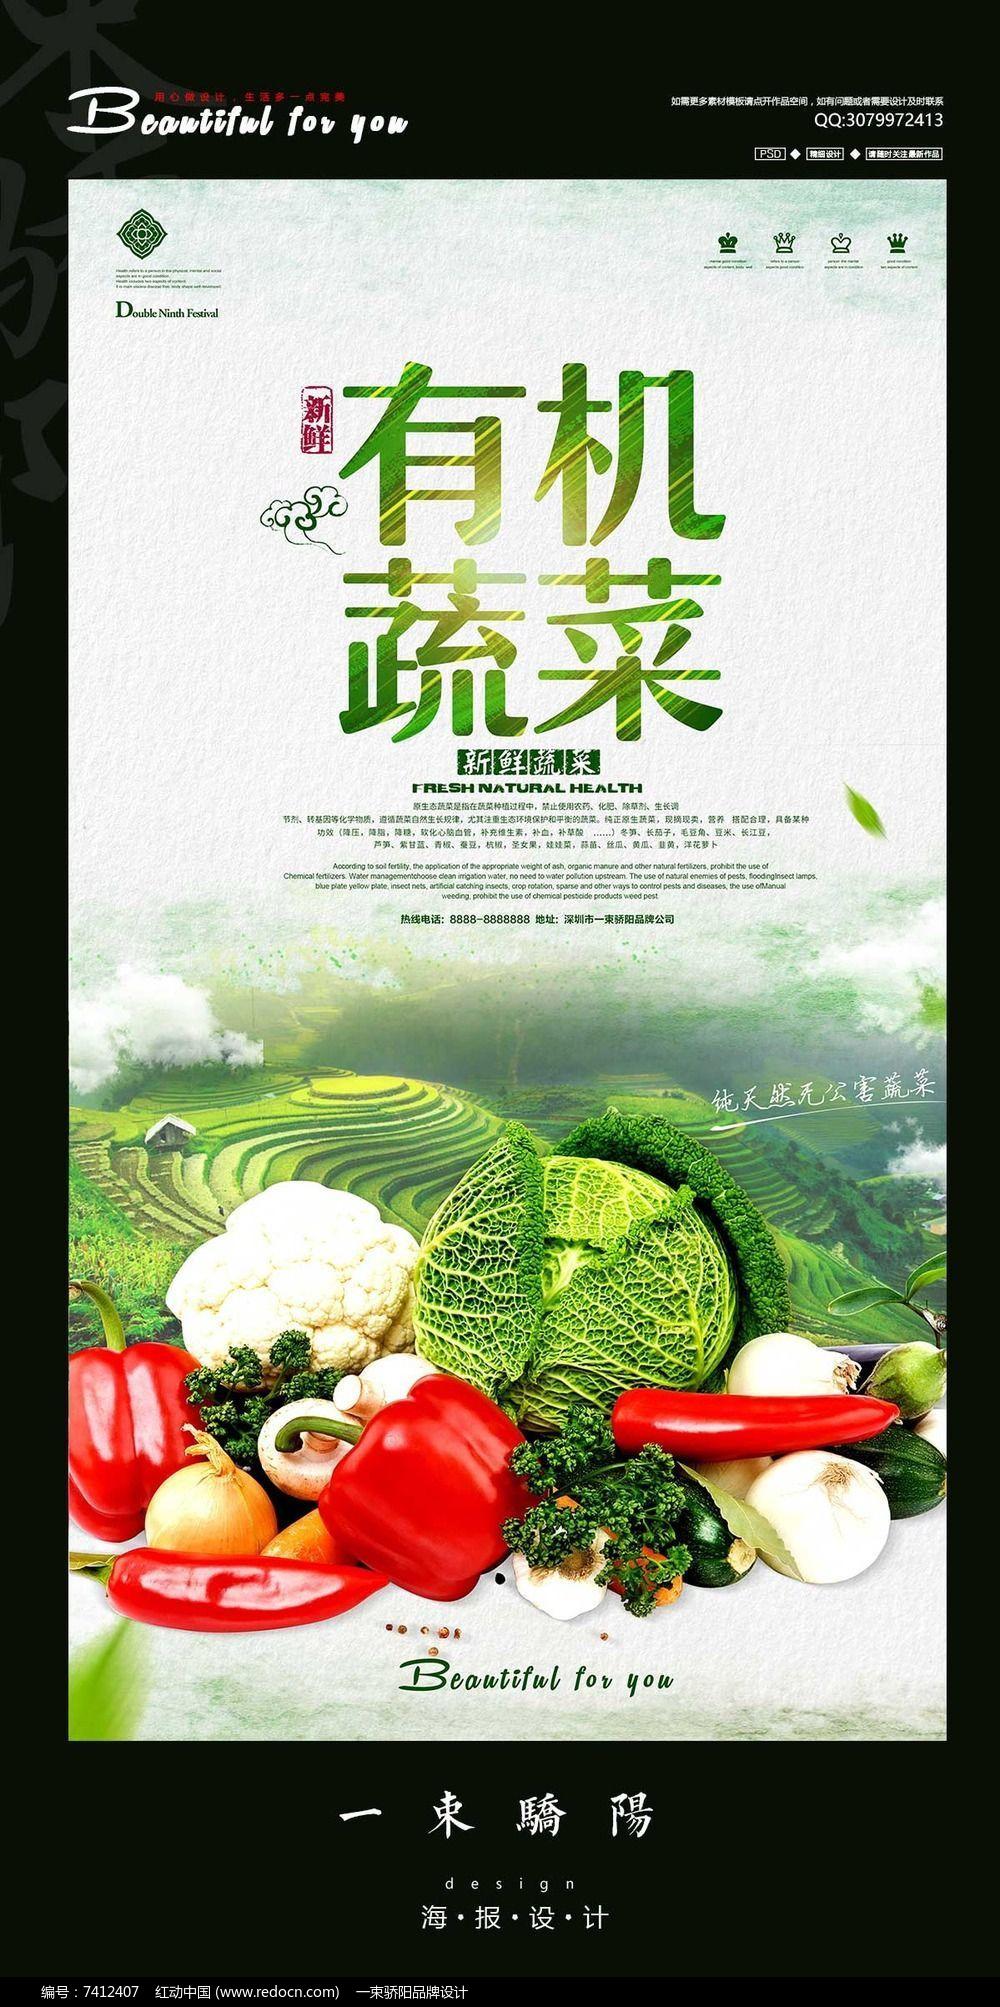 简约有机蔬菜宣传海报设计PSD图片